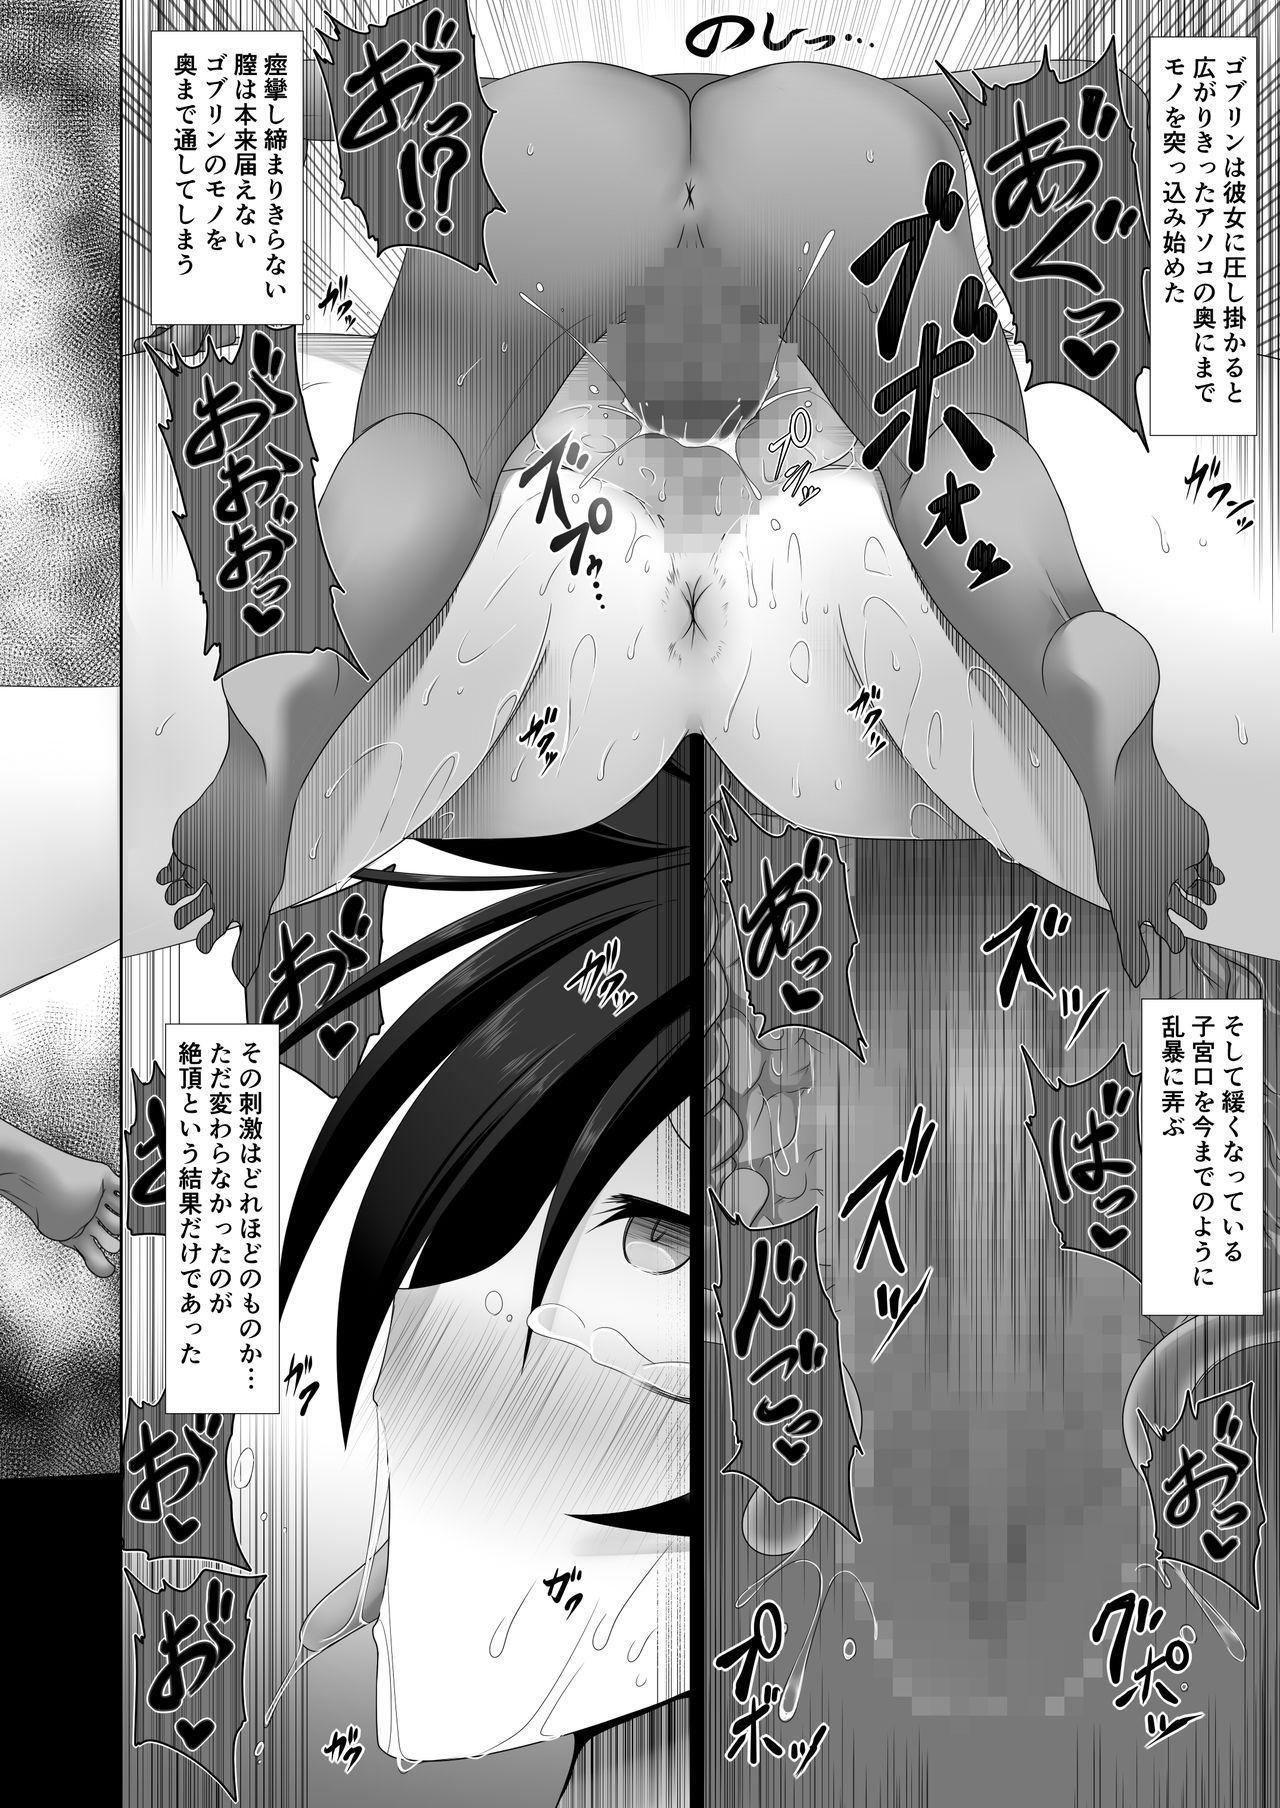 Boukensha Guild Nintei Kikendo Toku S Rank Monster Houkokusho Inmon Goblin 21